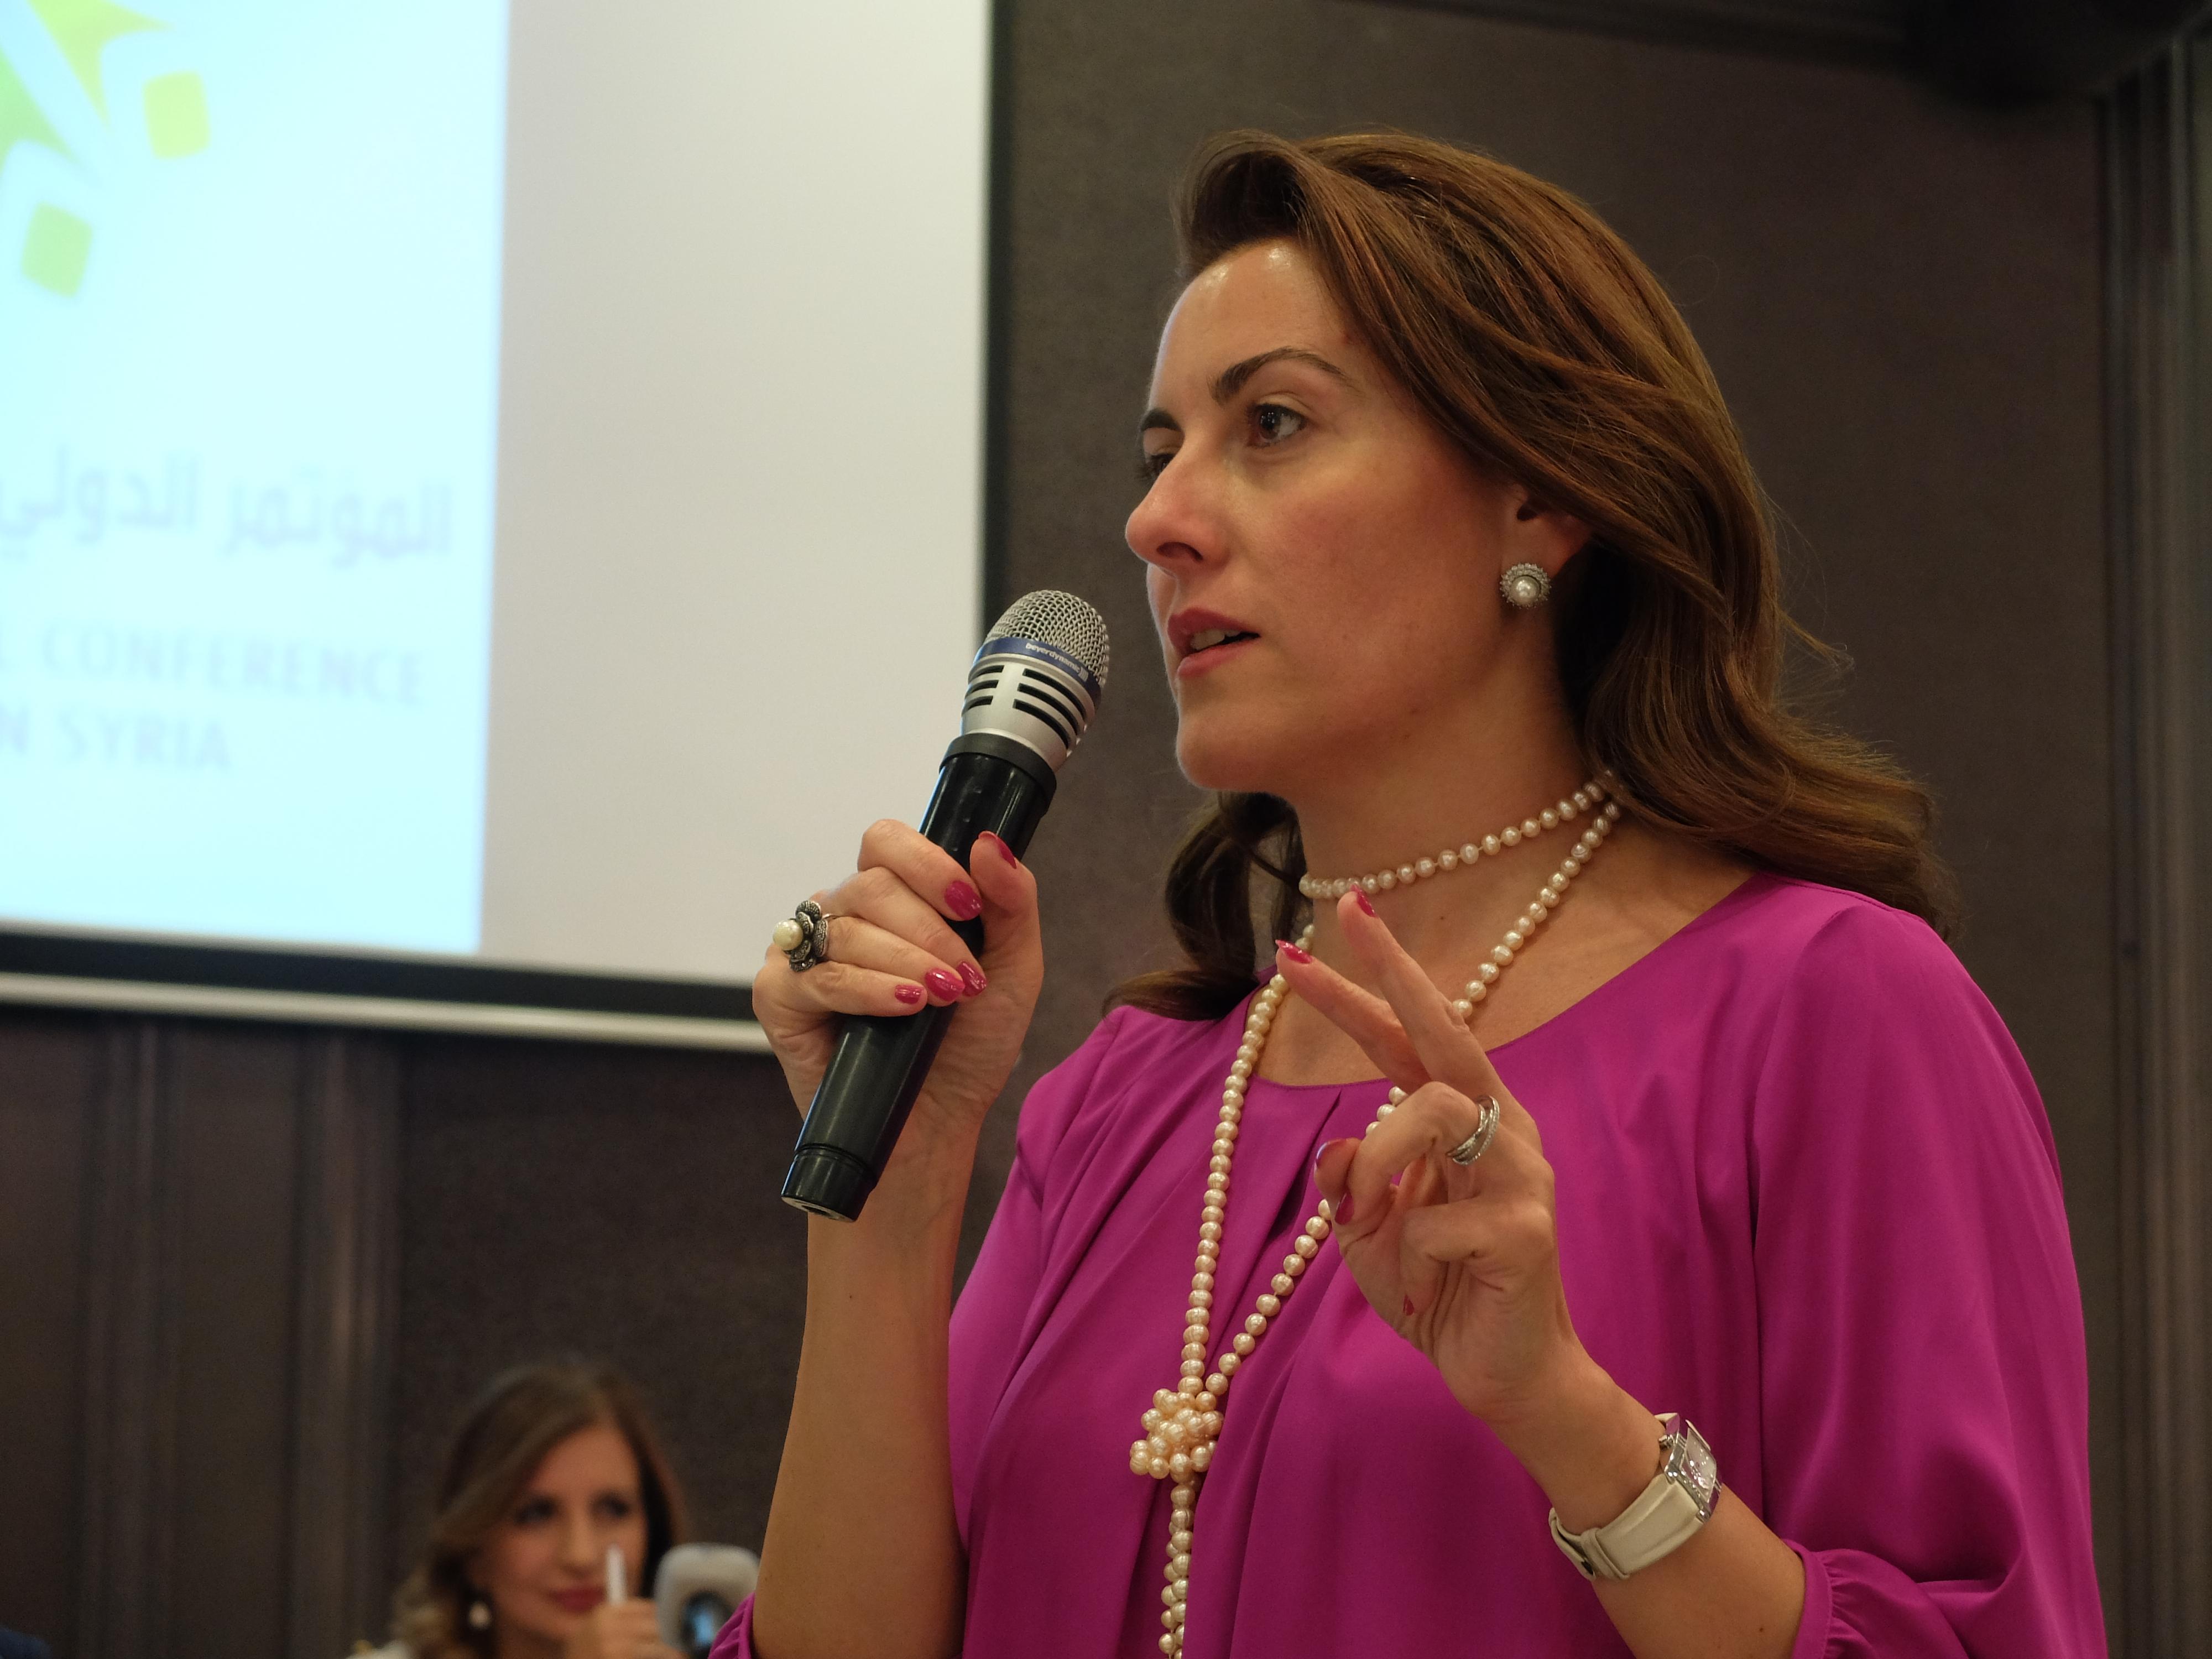 Maria Saadeh